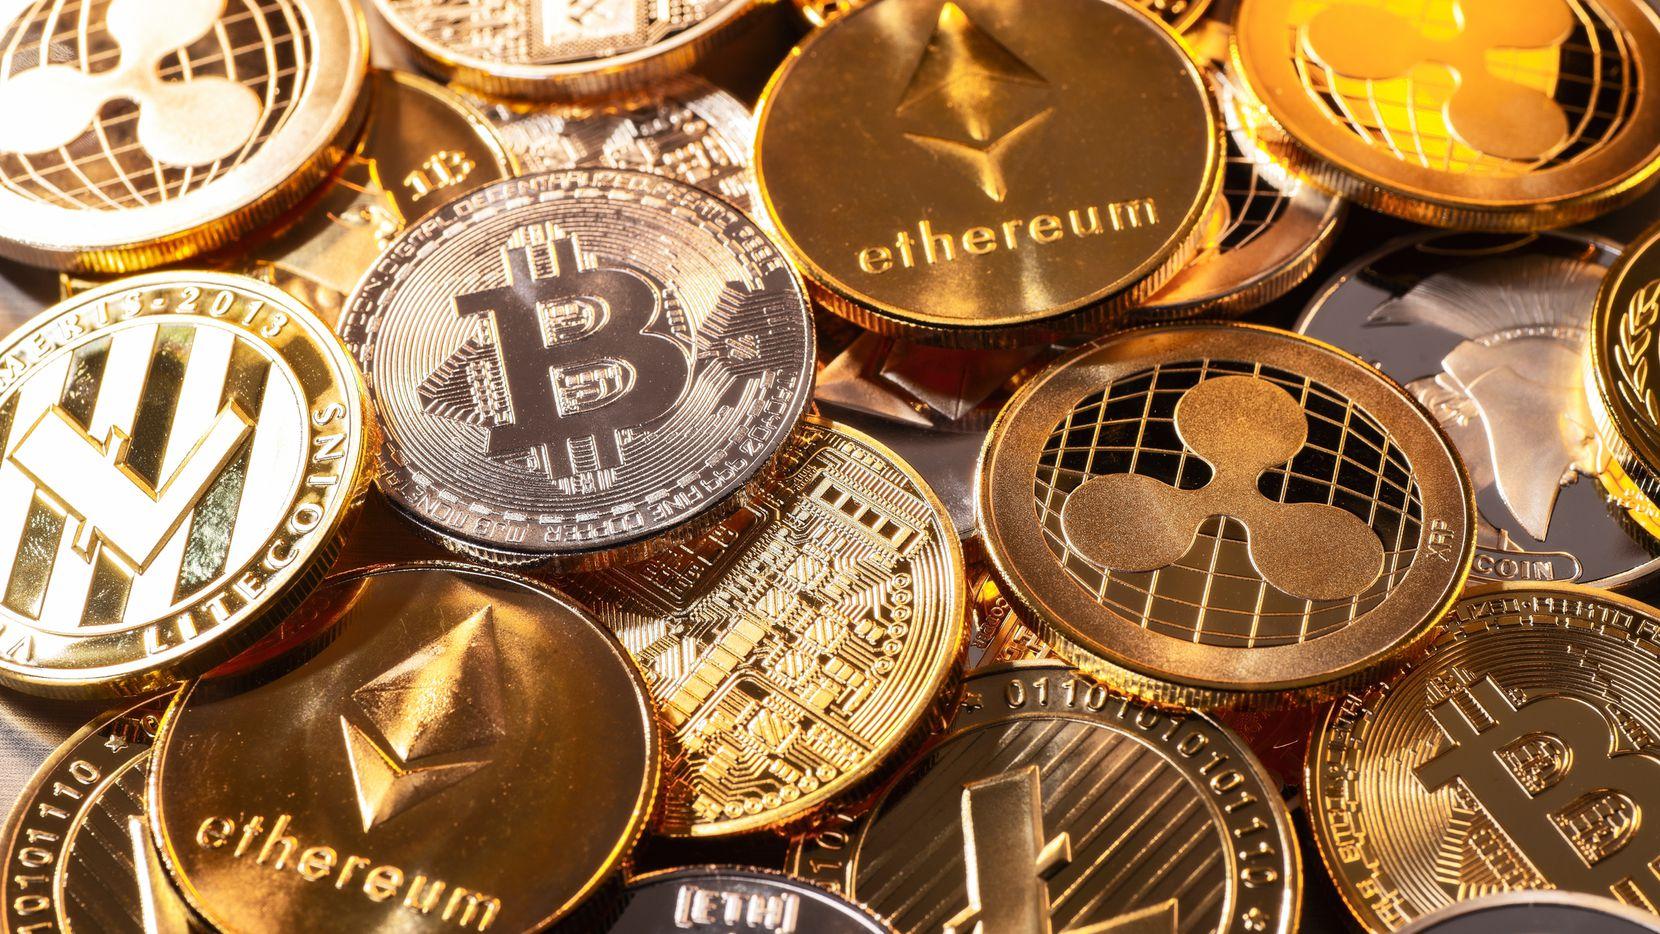 El mercado de las criptomonedas es muy volátil por lo que se sugiere prudencia a la hora de invertir en ellas.